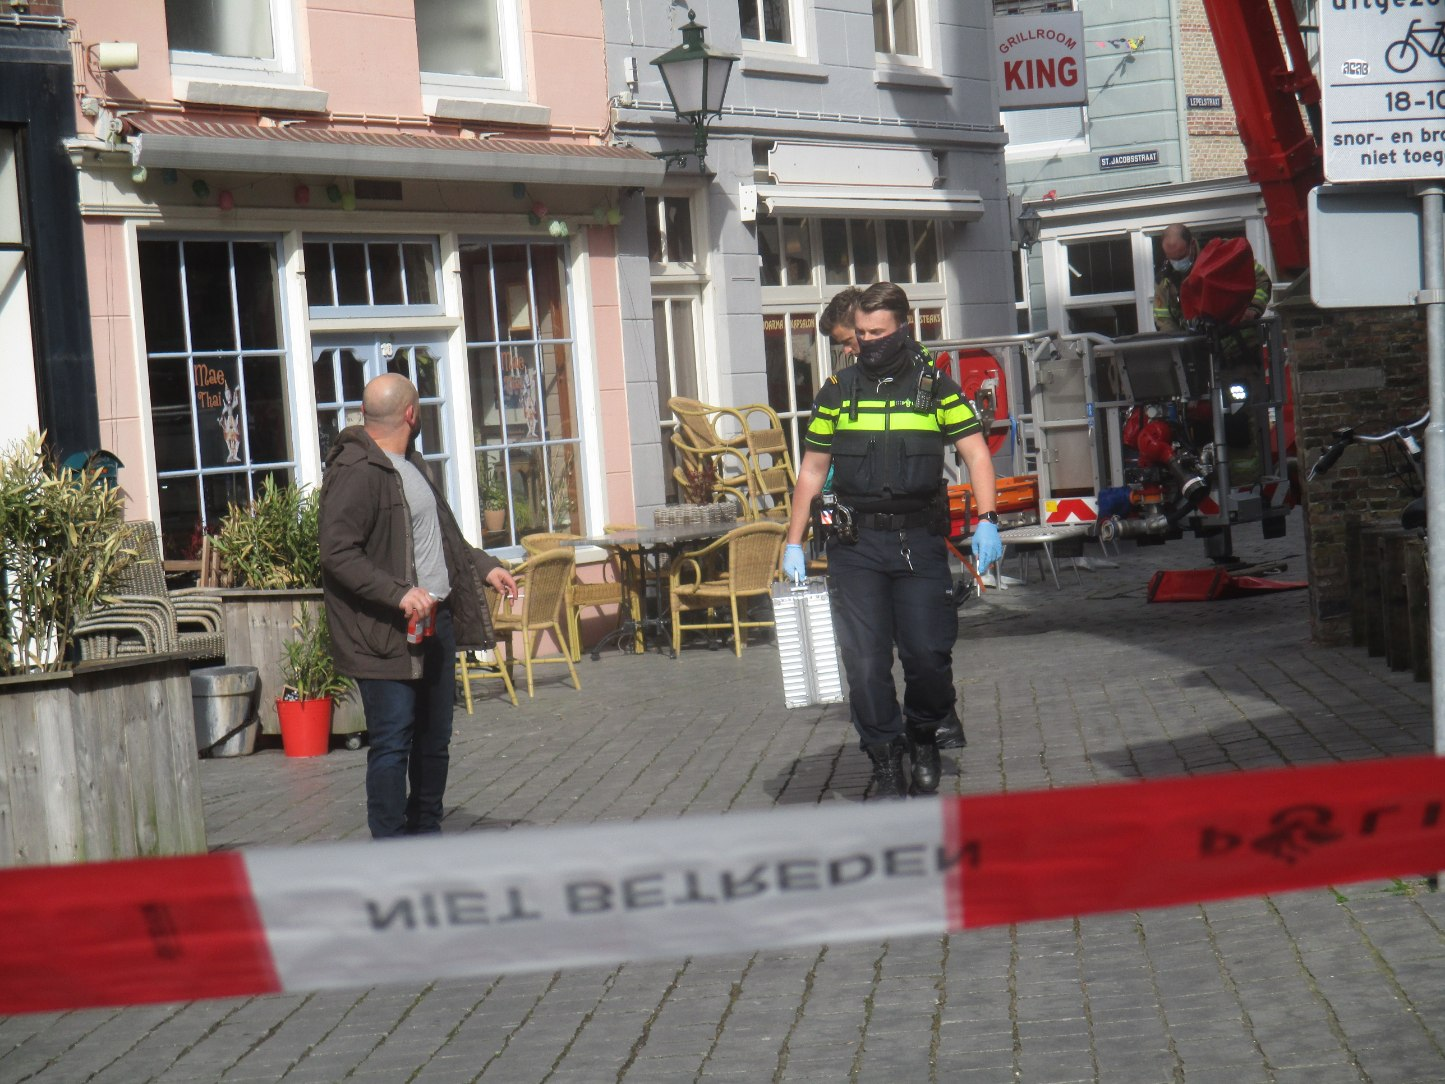 Brandweer haalt gewonde persoon uit woning Oude Markt - 112 Vlissingen & Souburg